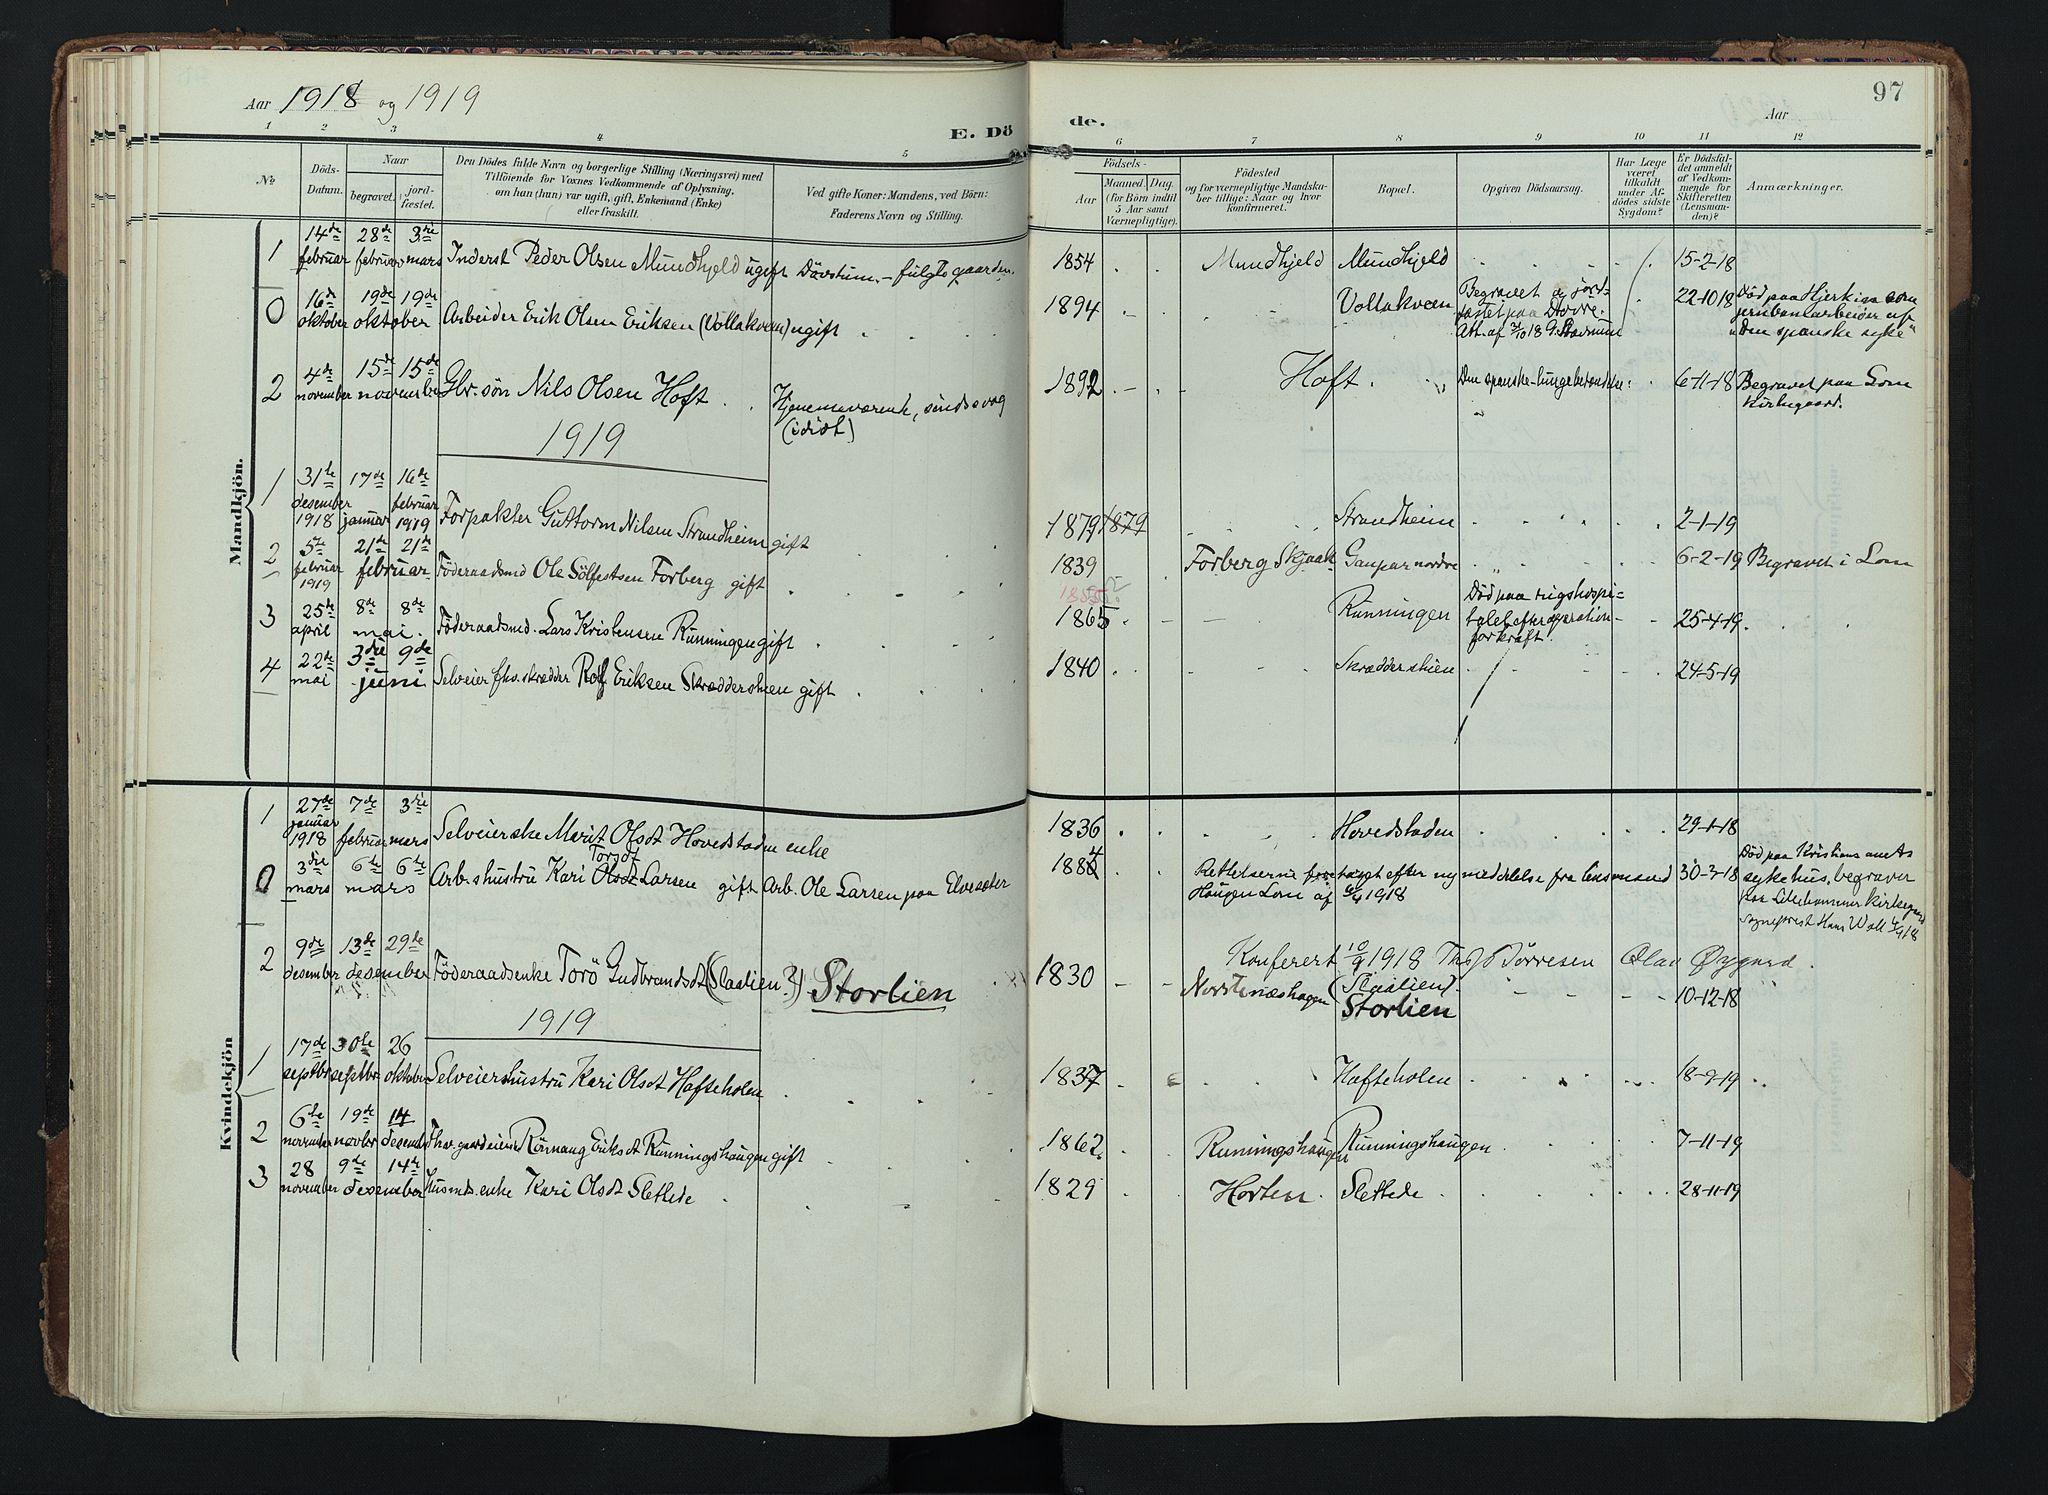 SAH, Lom prestekontor, K/L0012: Ministerialbok nr. 12, 1904-1928, s. 97